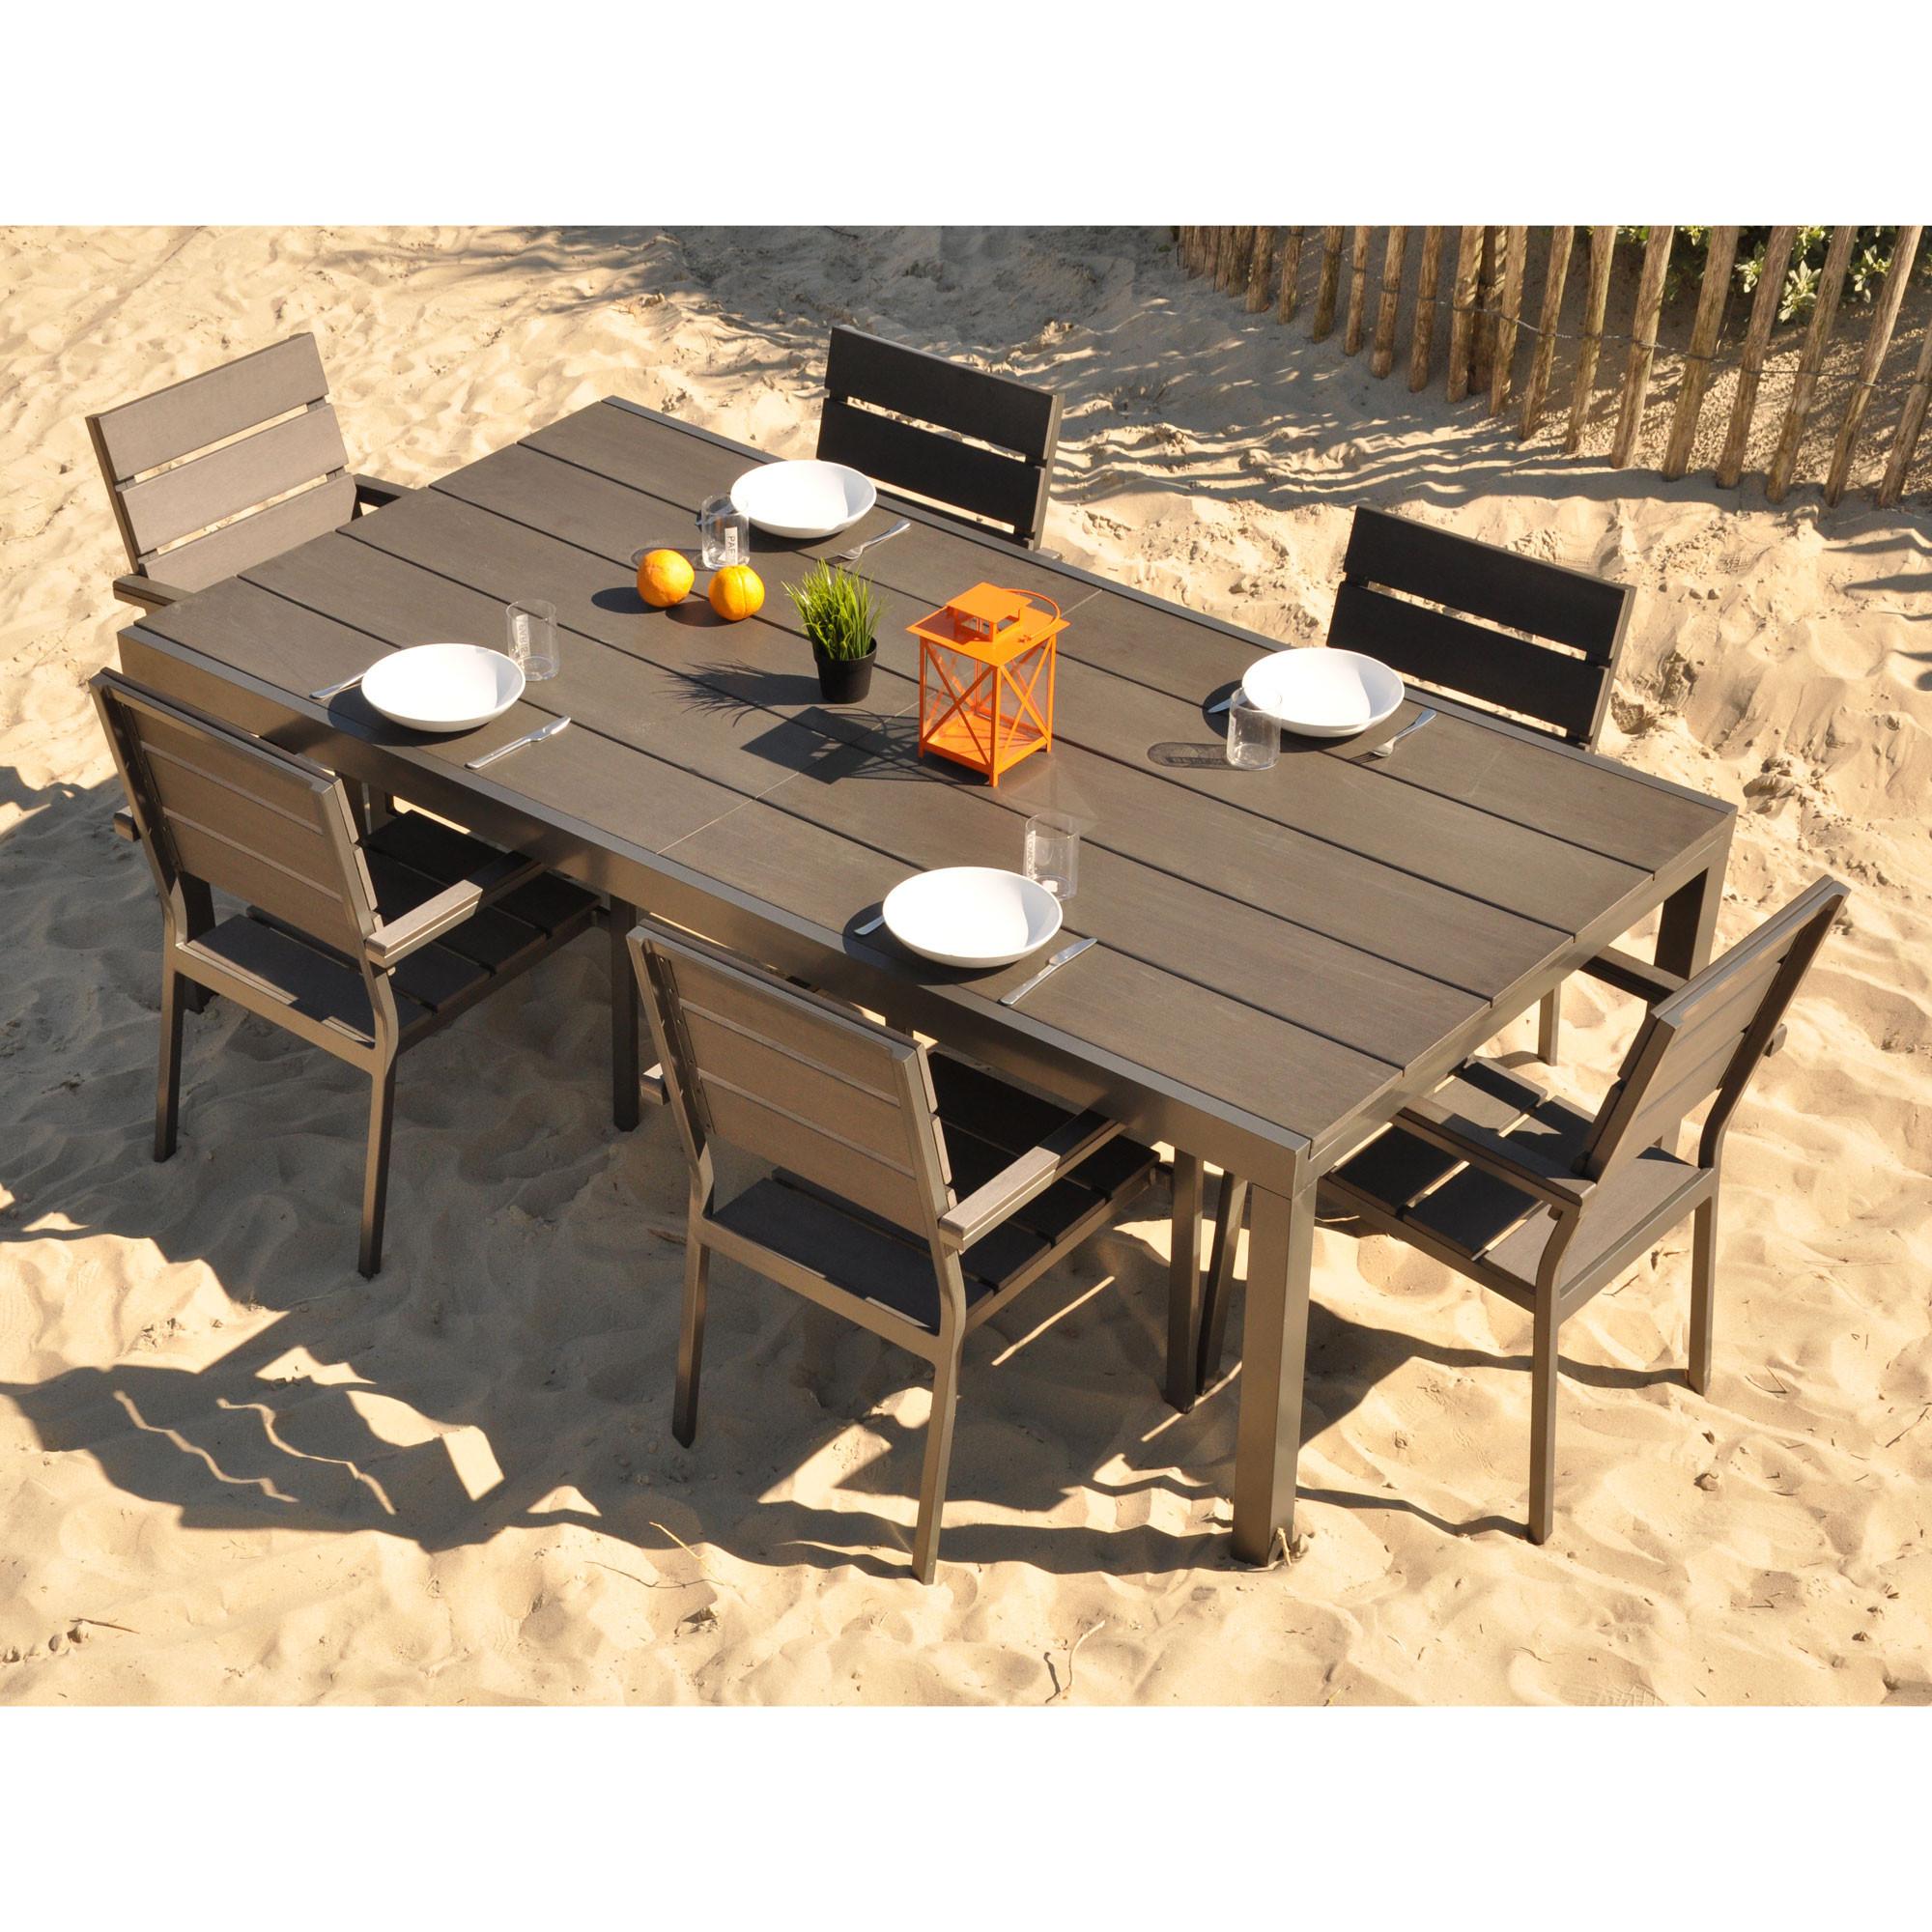 Table salon de jardin plastique leclerc - Mailleraye.fr jardin